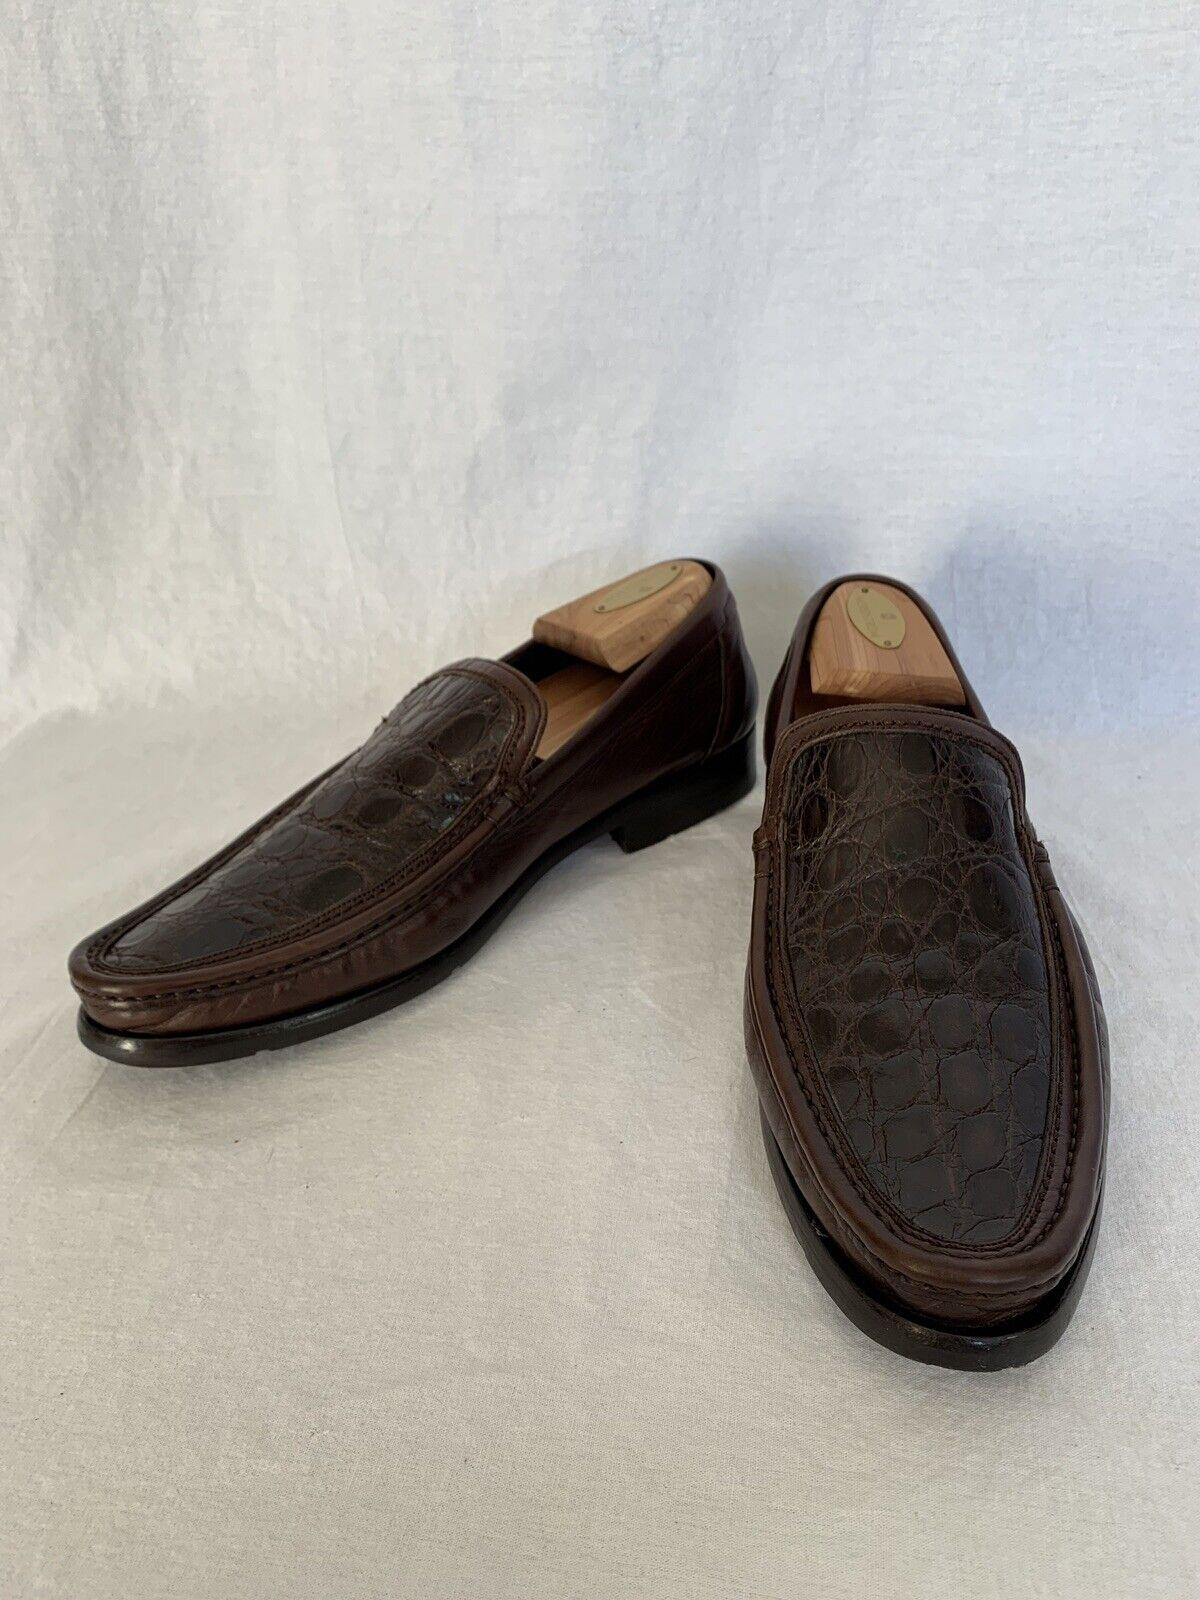 MEZLAN Monaco Marrón Cocodrilo Para hombre Zapatos 8.5US hecho en España